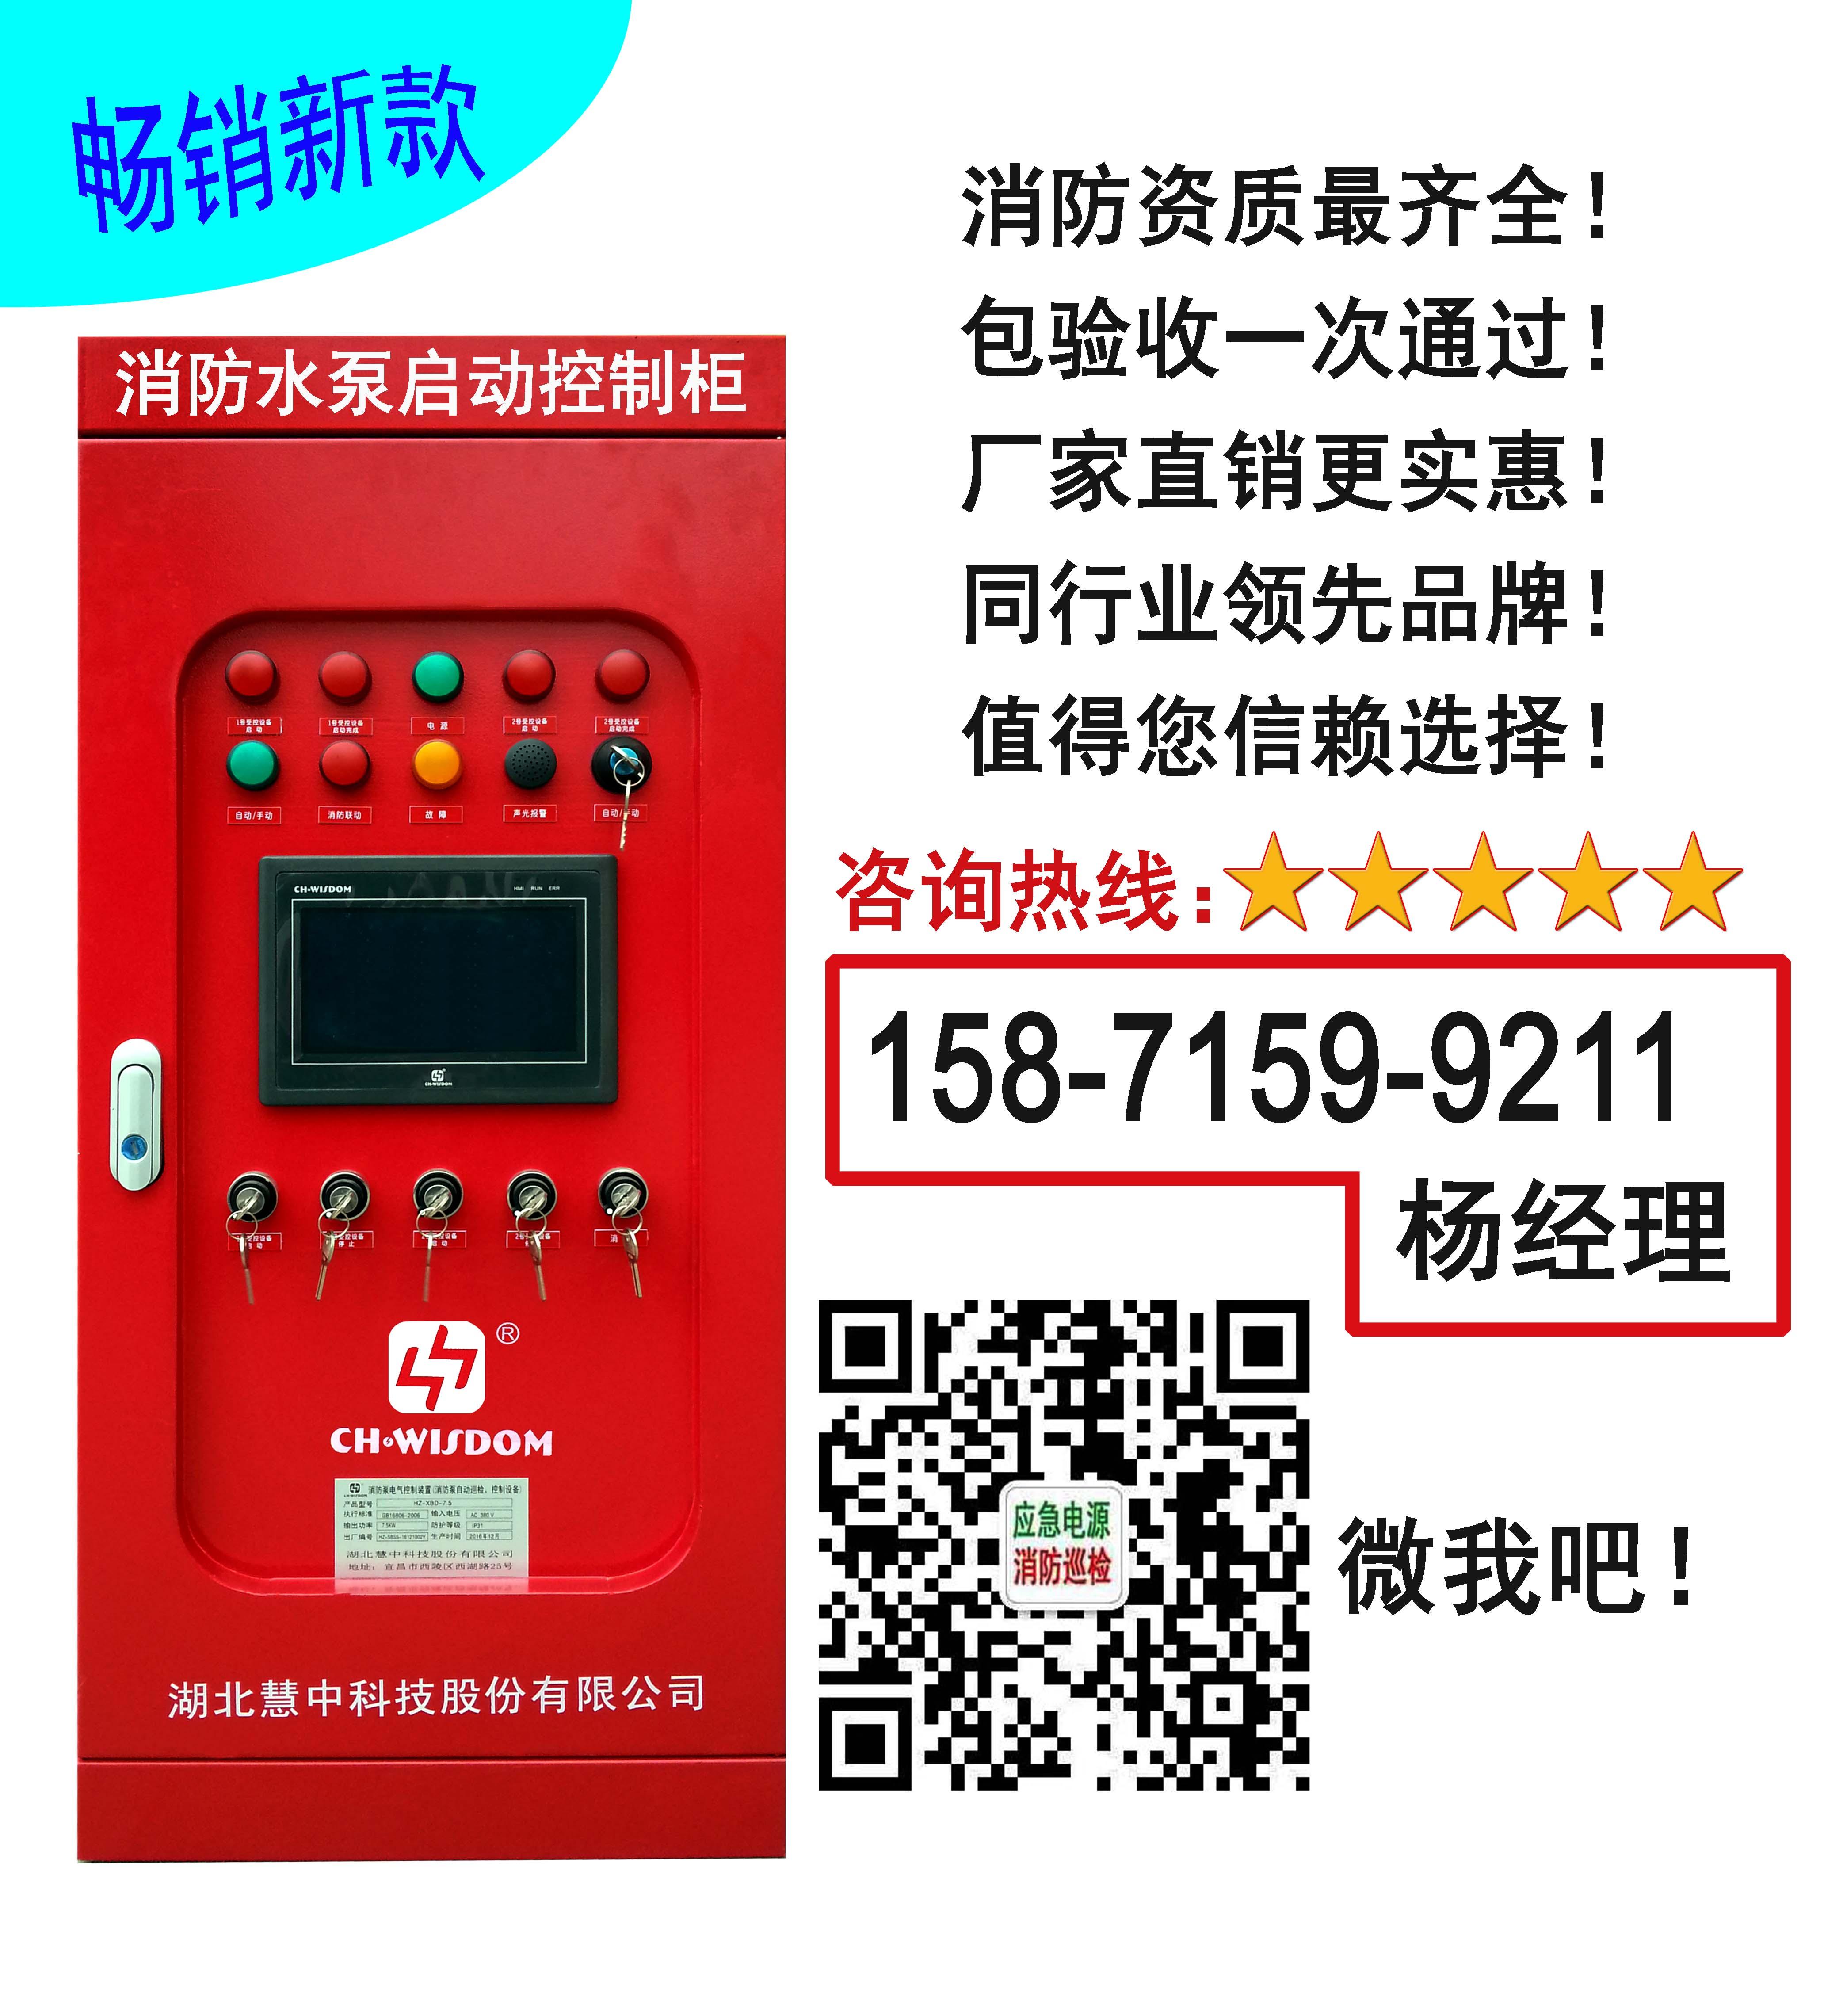 JH-XF-75/4消防智能消防巡检设备供应河南河北山东地区